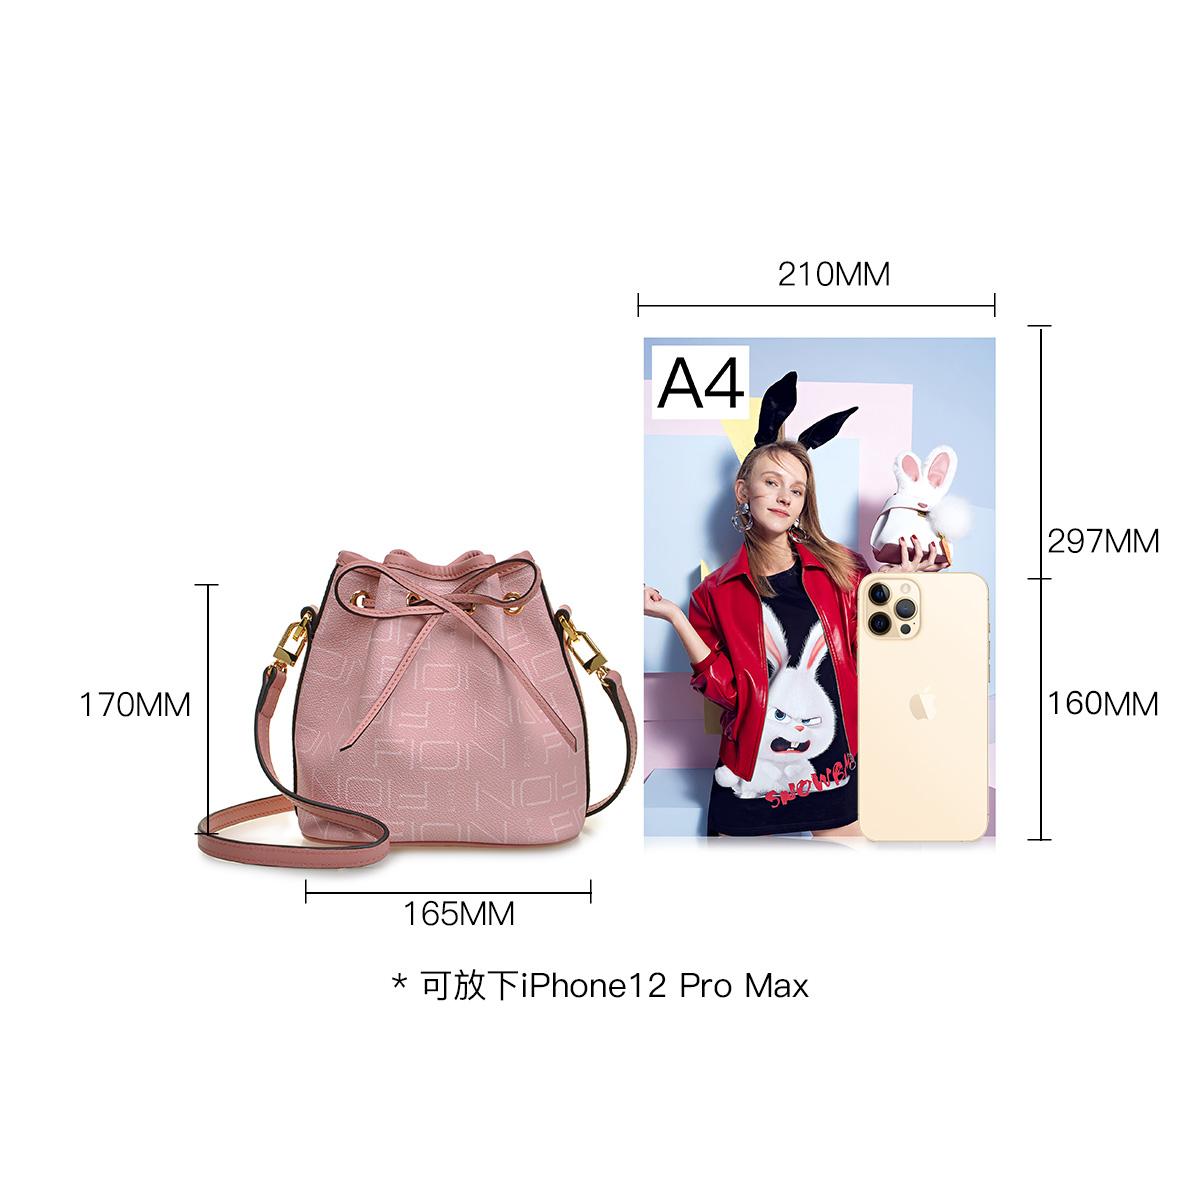 粉红色水桶包 Fion菲安妮水桶包女粉红色包包 欧美ins风斜挎单肩包轻便通勤包_推荐淘宝好看的粉红色水桶包